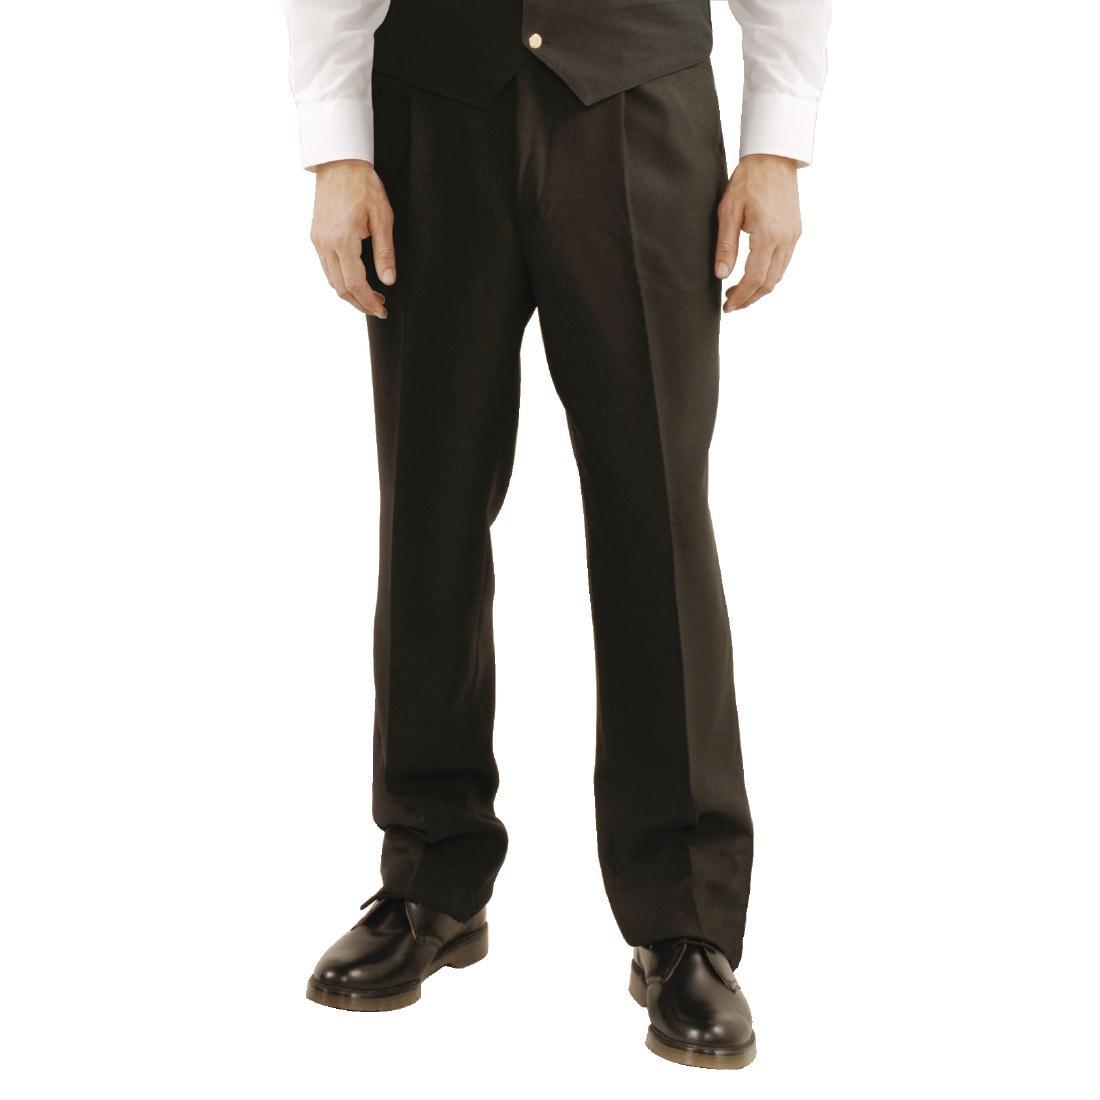 Pantalon à pli de service homme noir